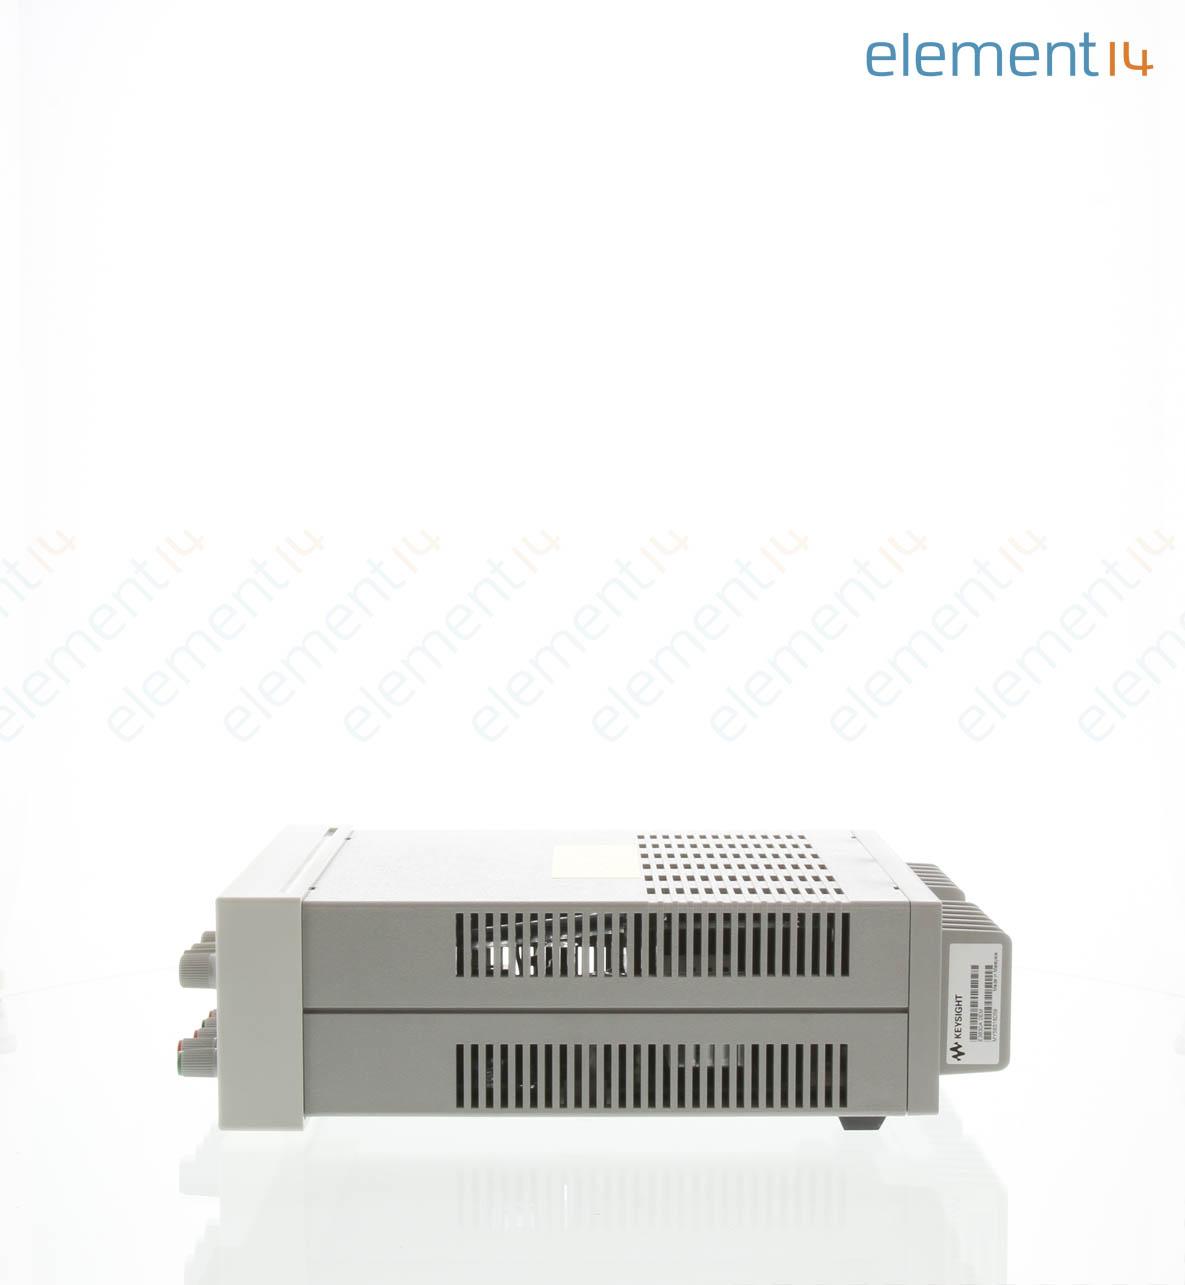 E3630a Keysight Technologies Bench Power Supply Non